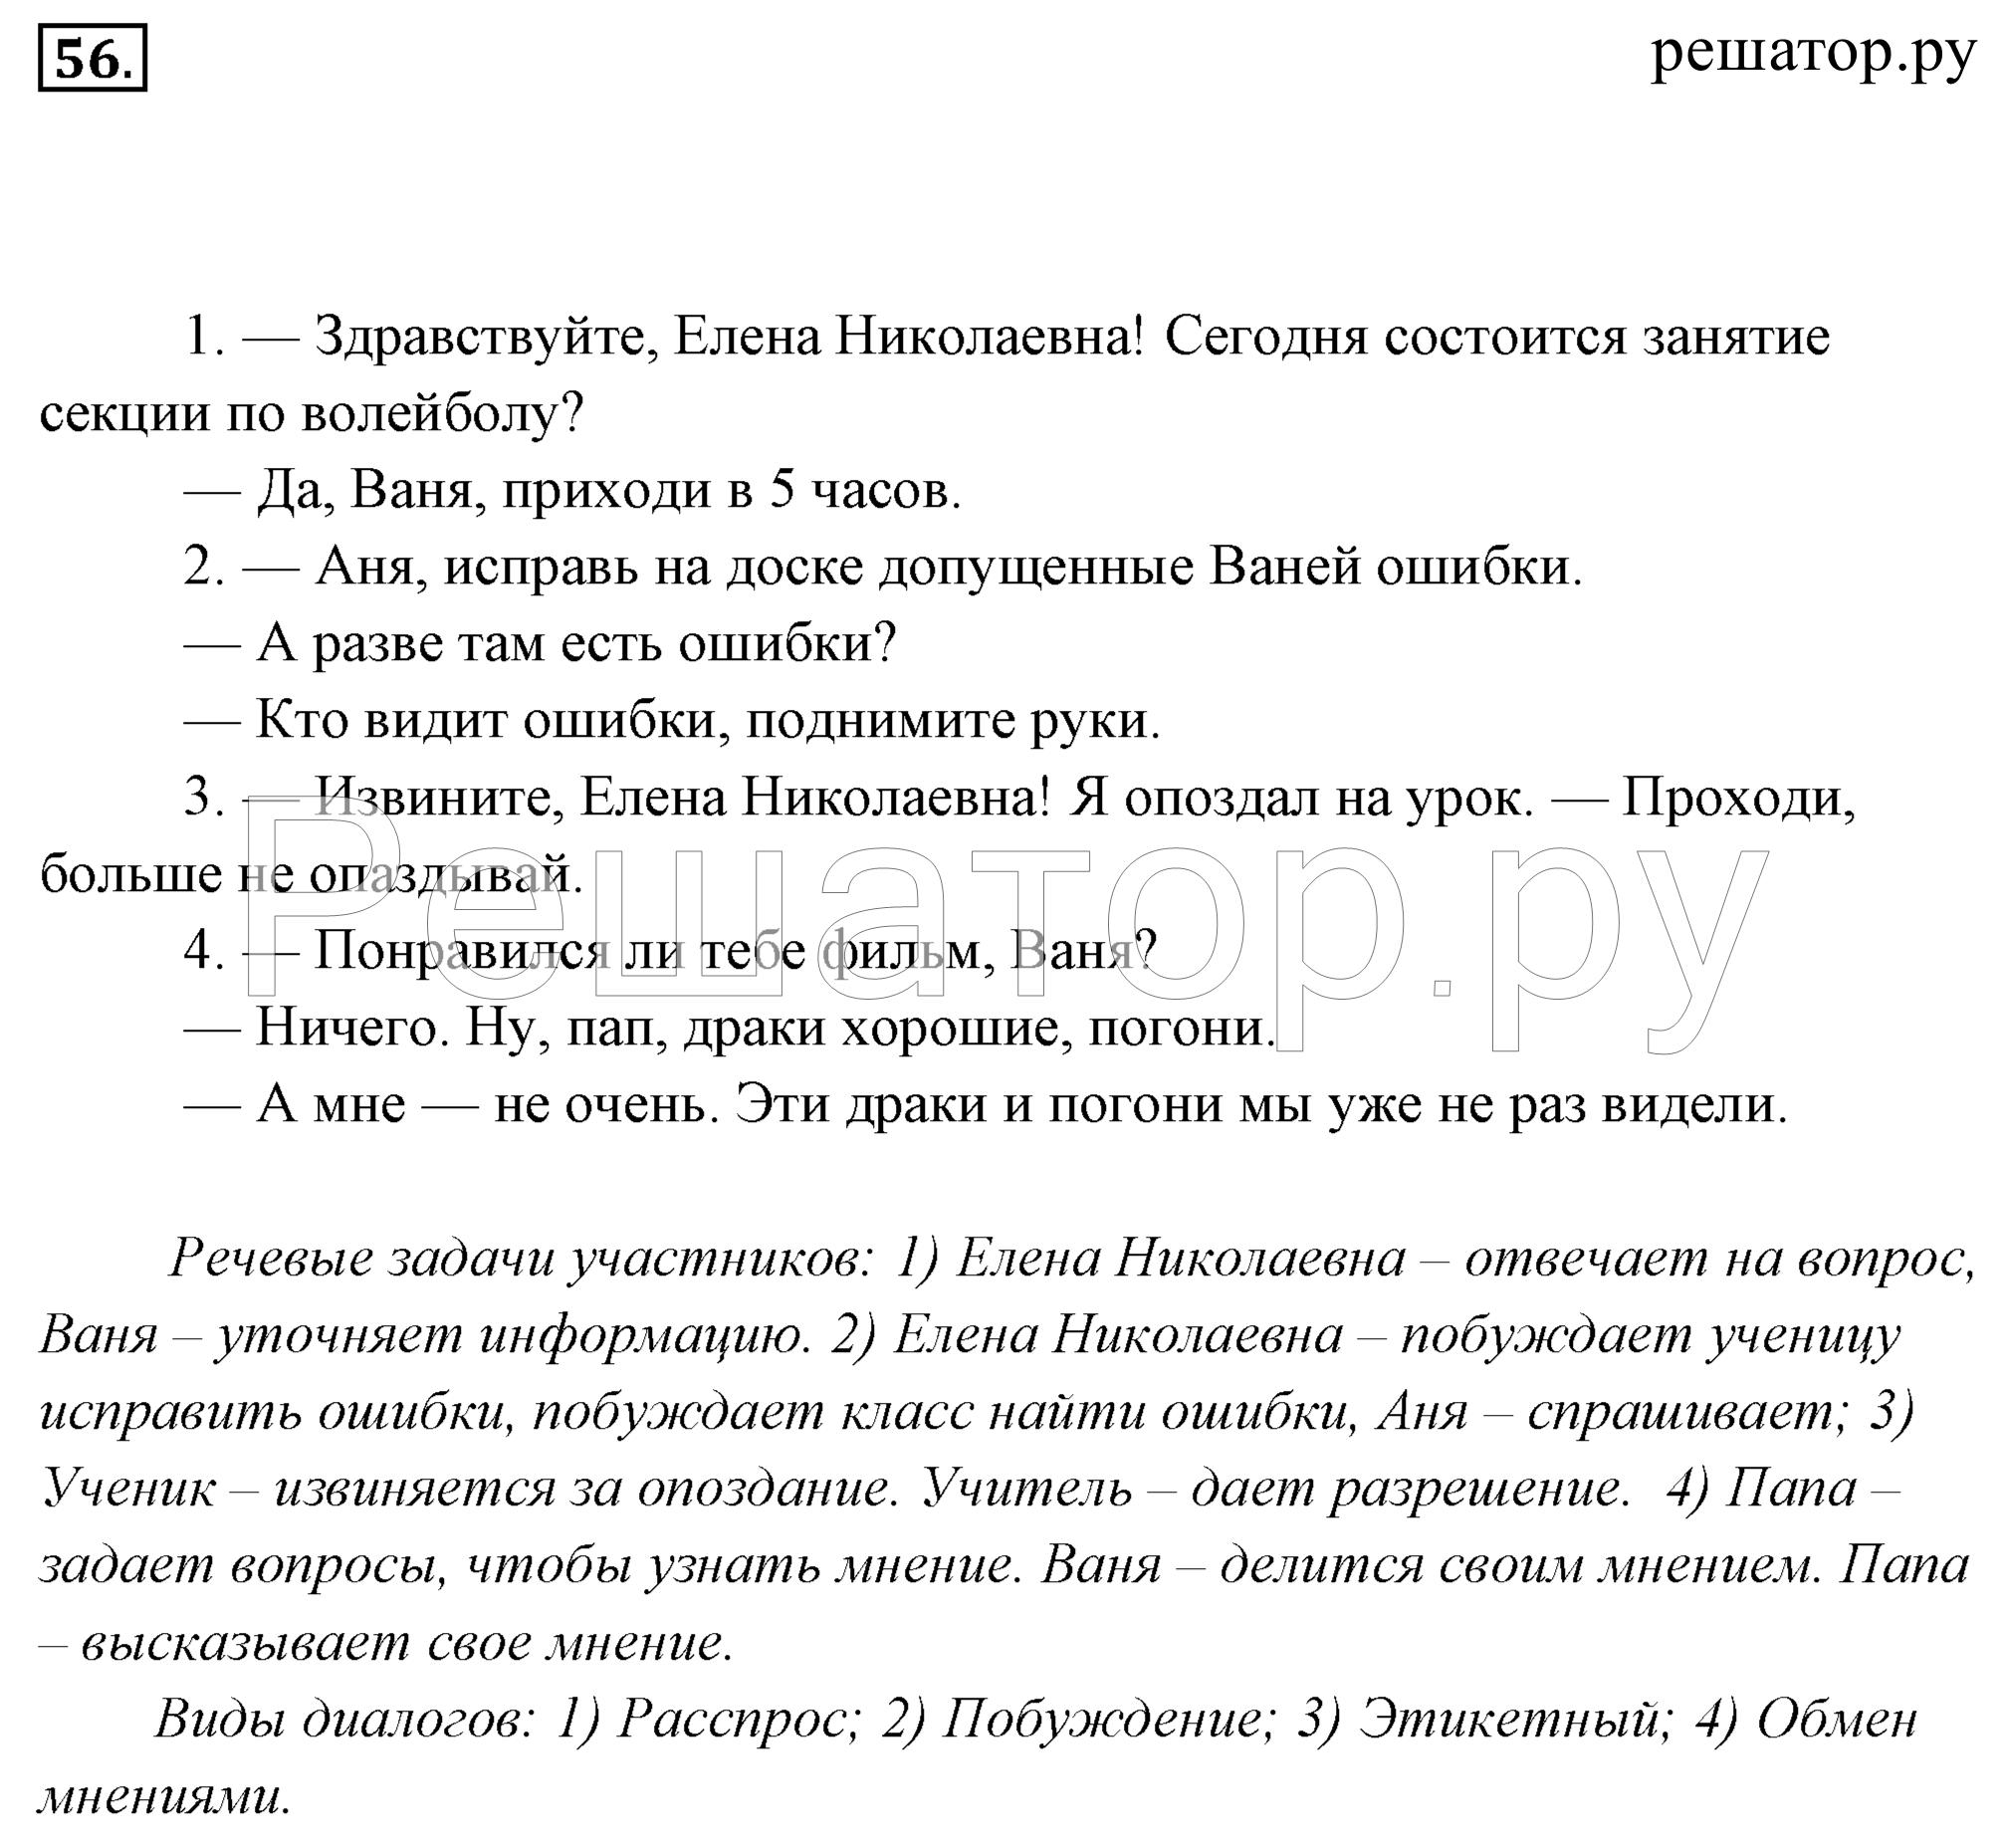 русский язык 7 класс задание 3